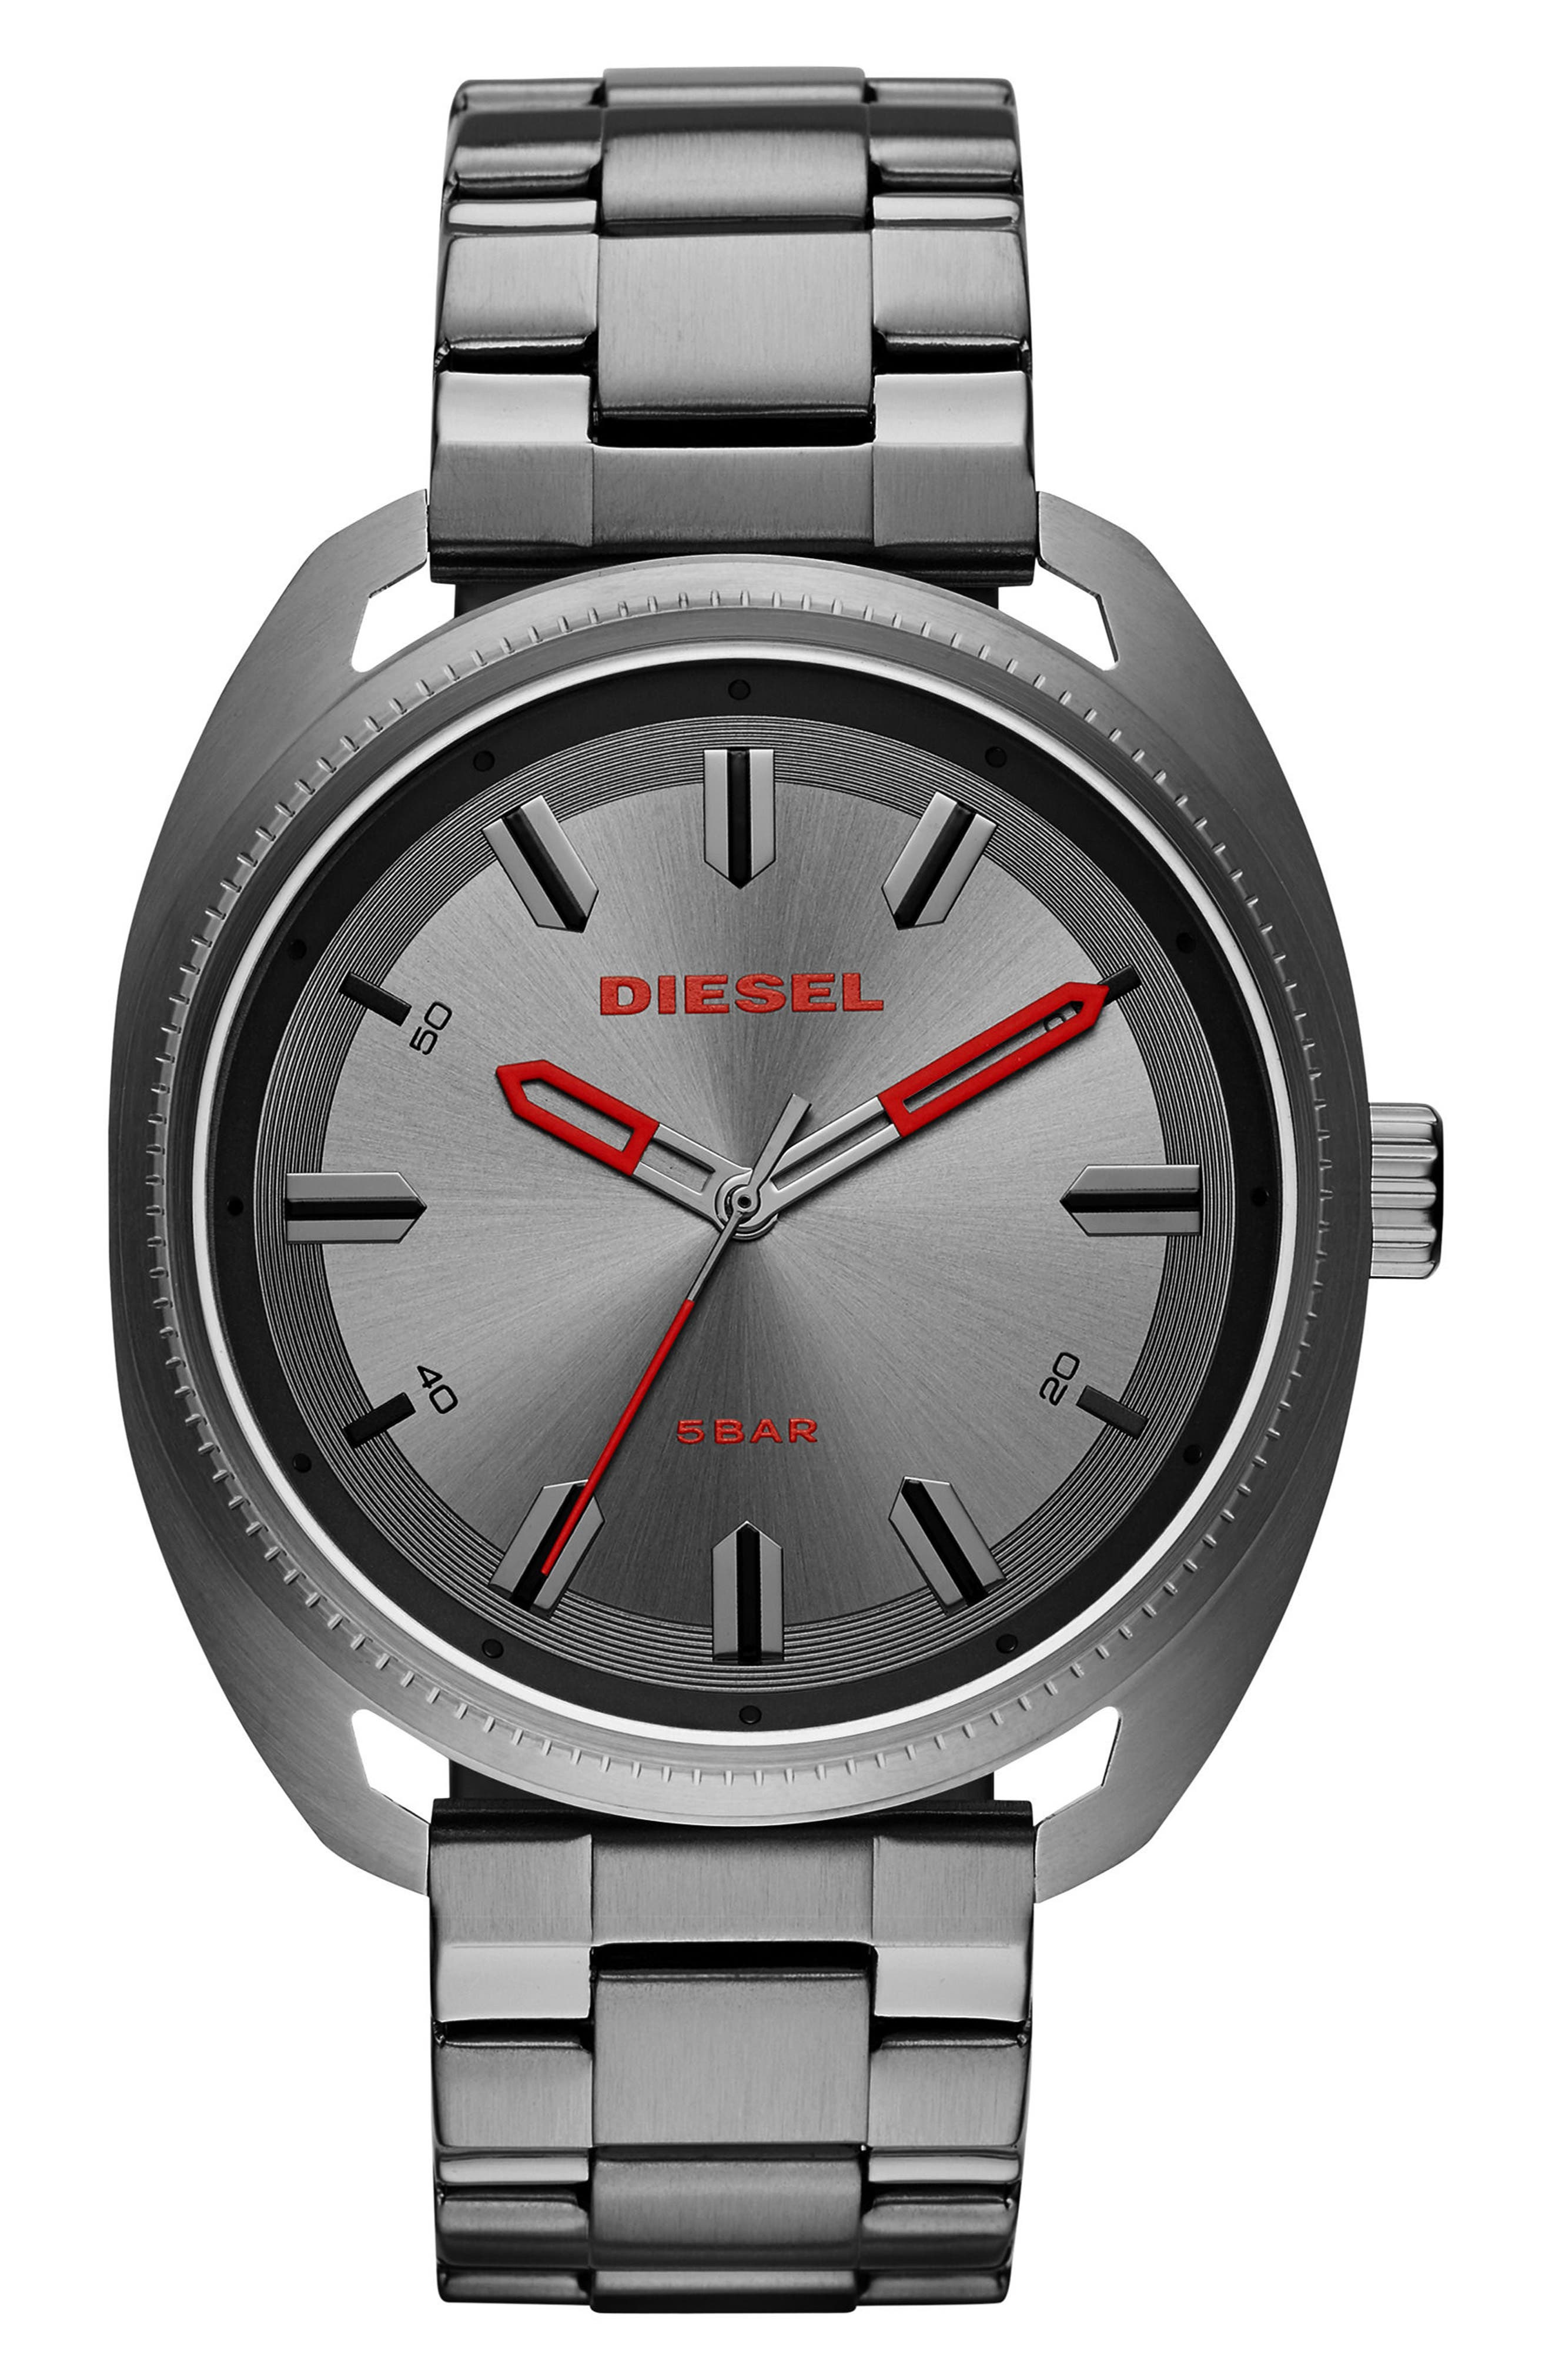 DIESEL® Fastbak Bracelet Watch, 46mm x 52mm